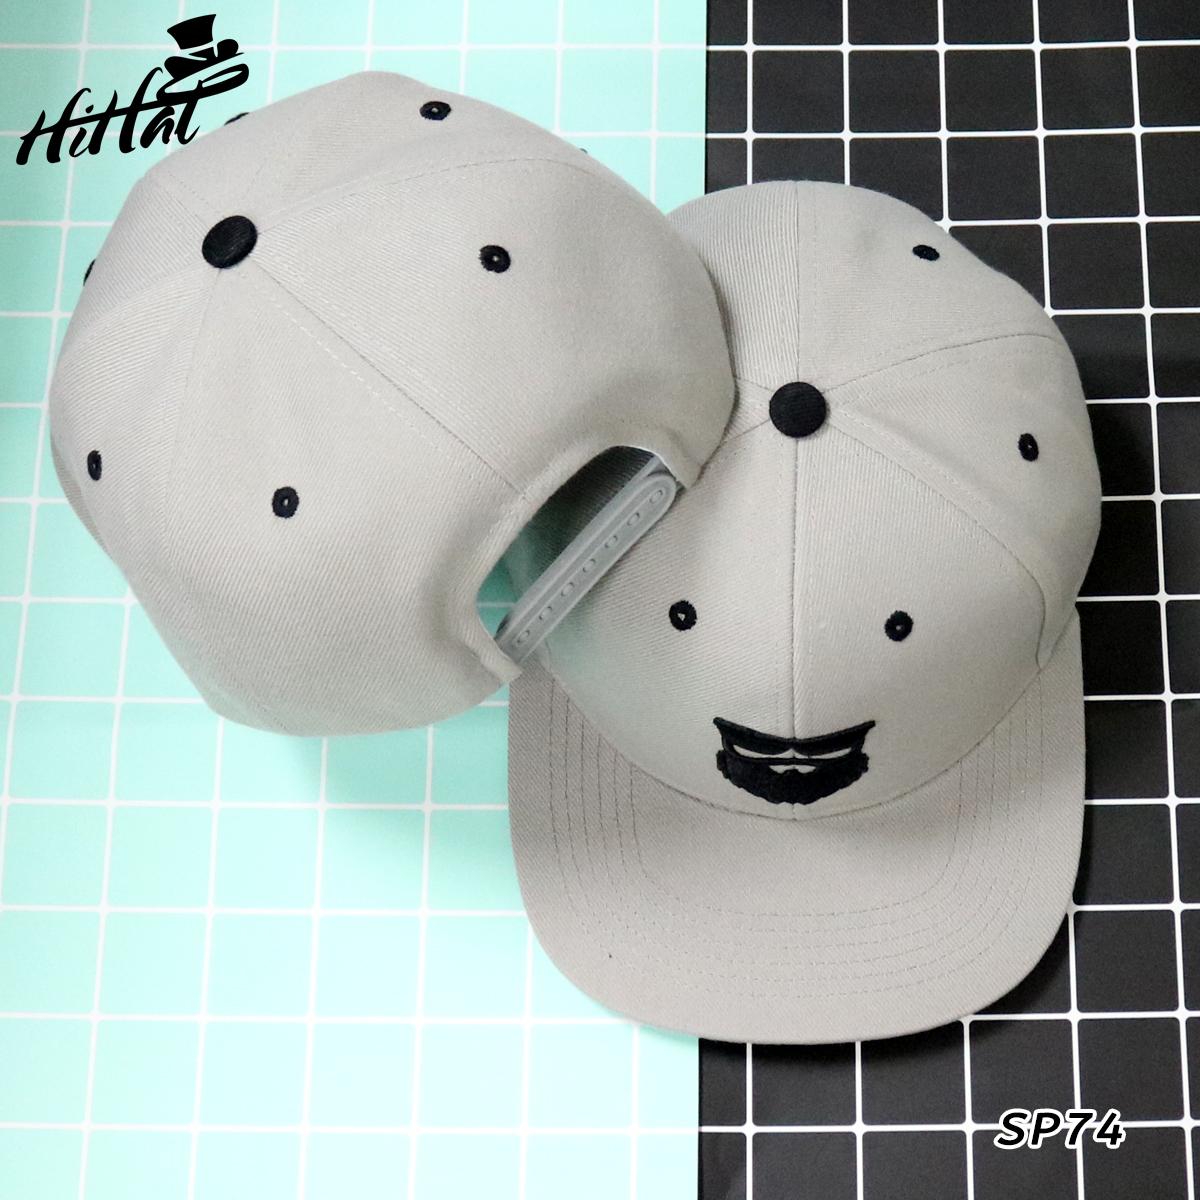 Hi-Hat shop